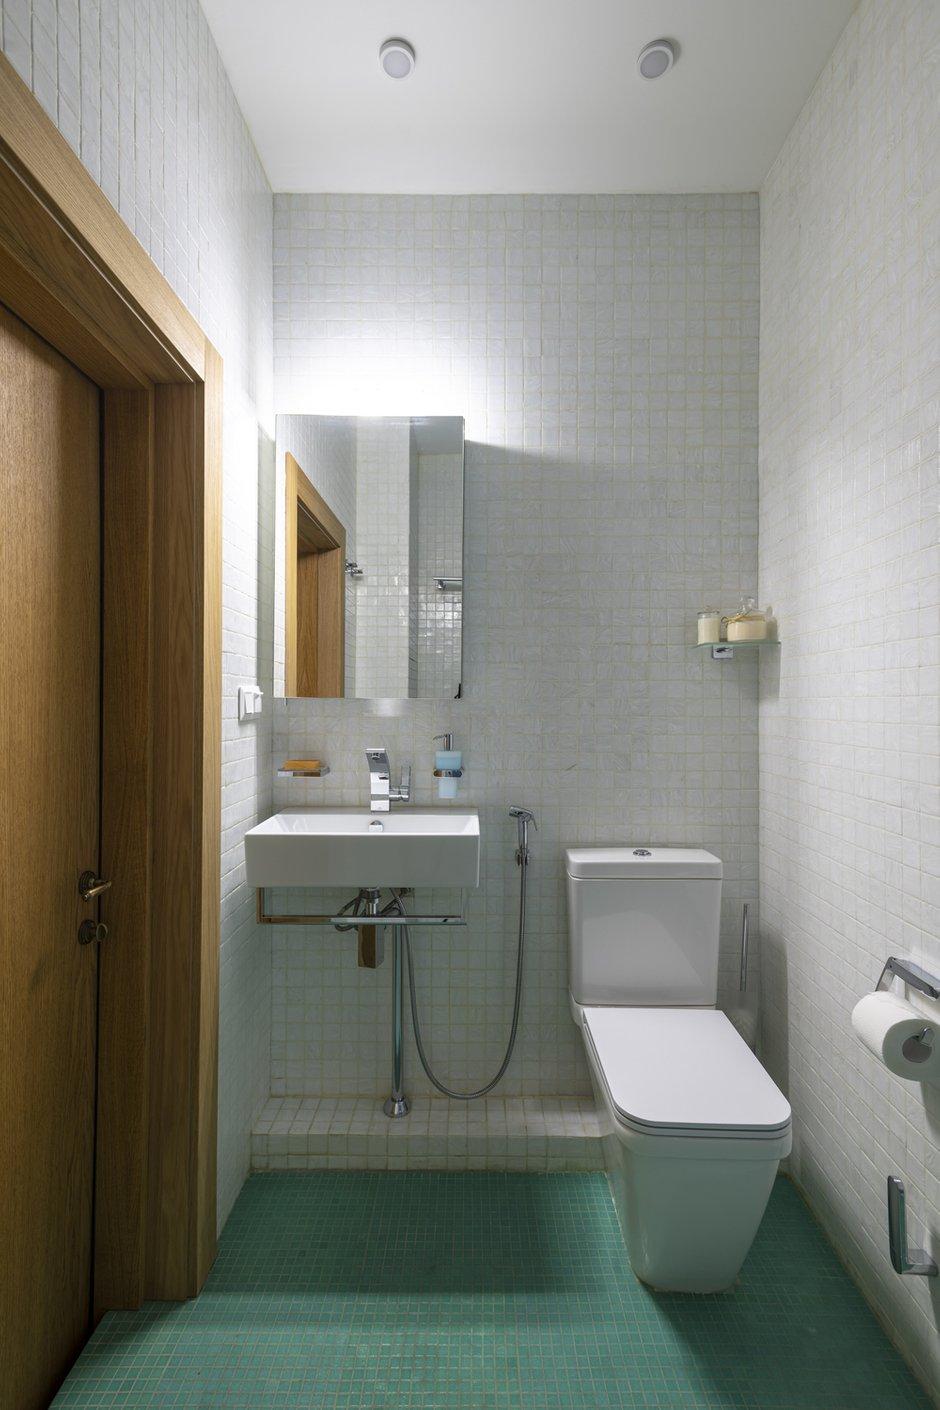 Фотография: Ванная в стиле Современный, Квартира, Проект недели, Москва, Марина Саркисян, 2 комнаты, 40-60 метров – фото на INMYROOM